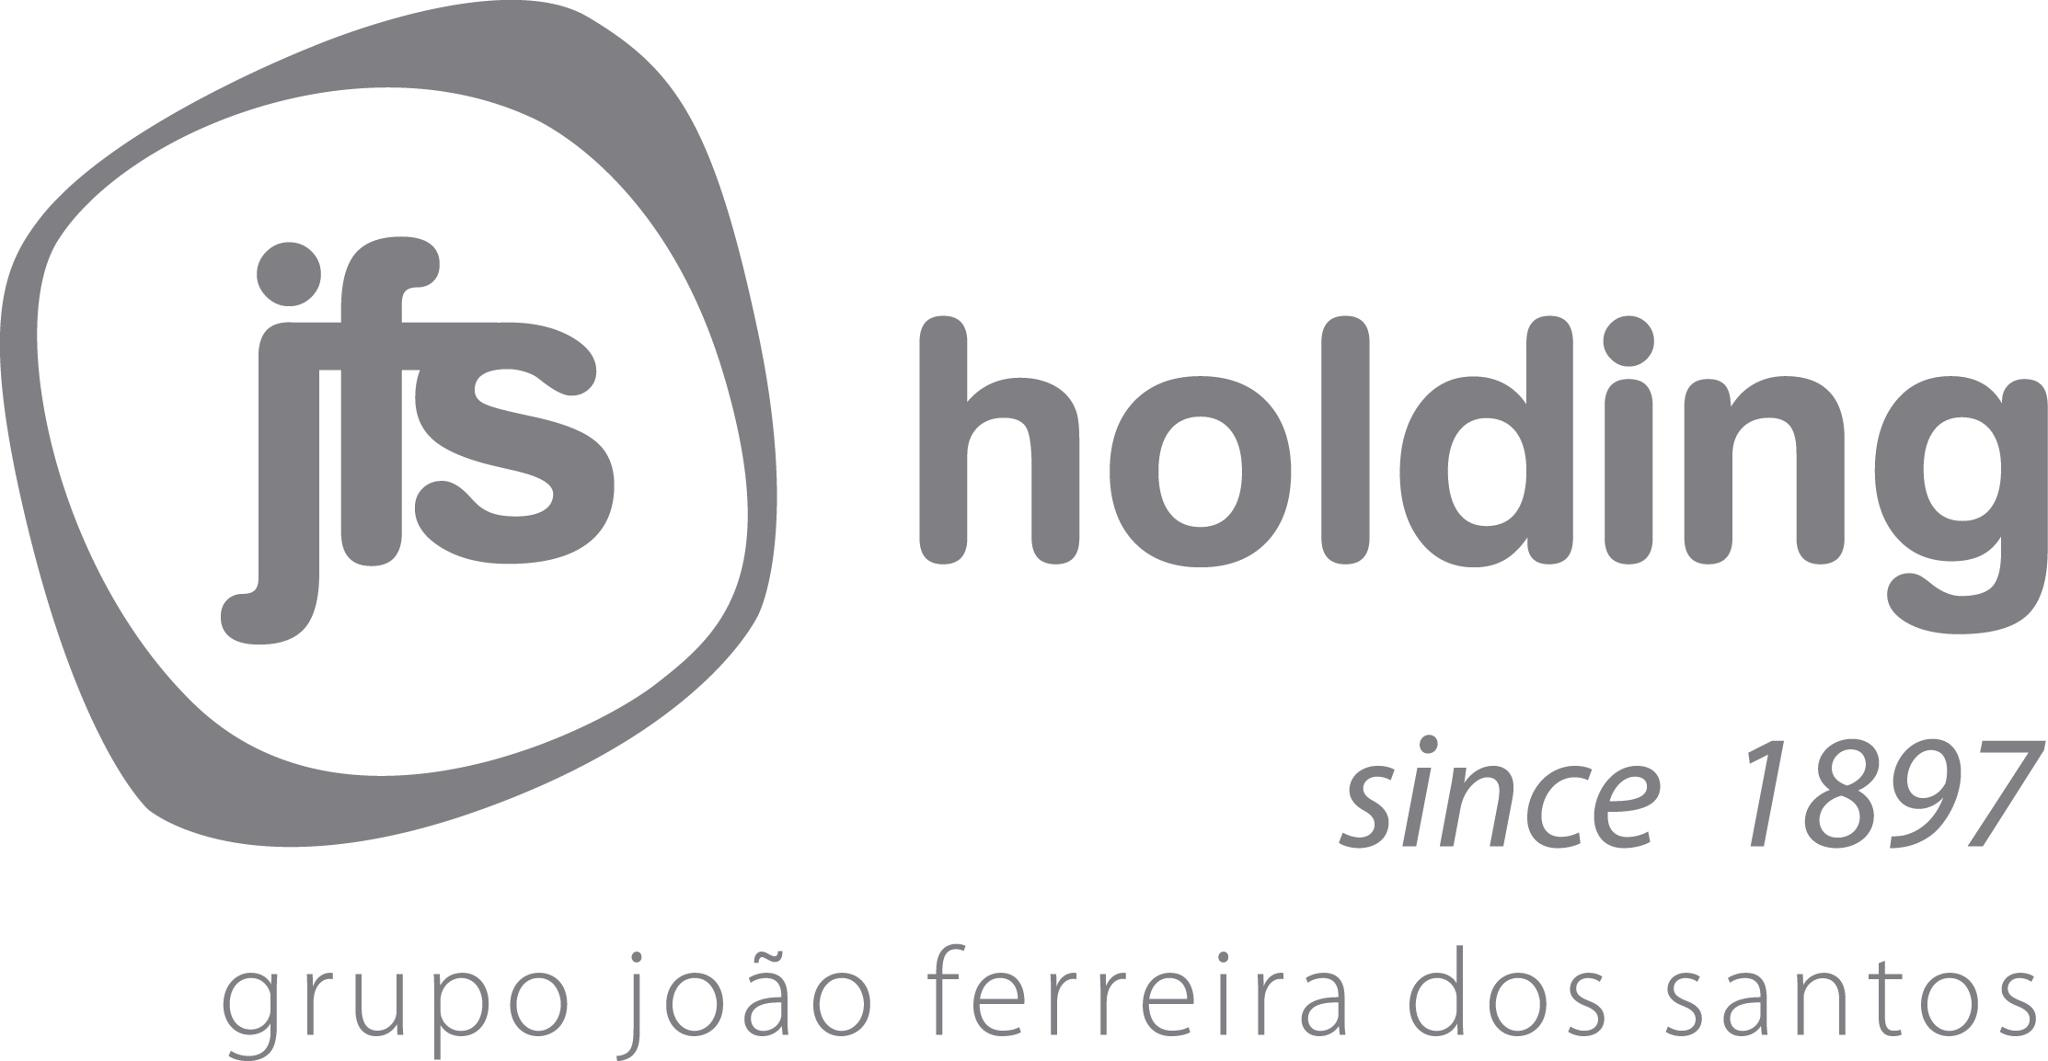 jfs holding.jpg